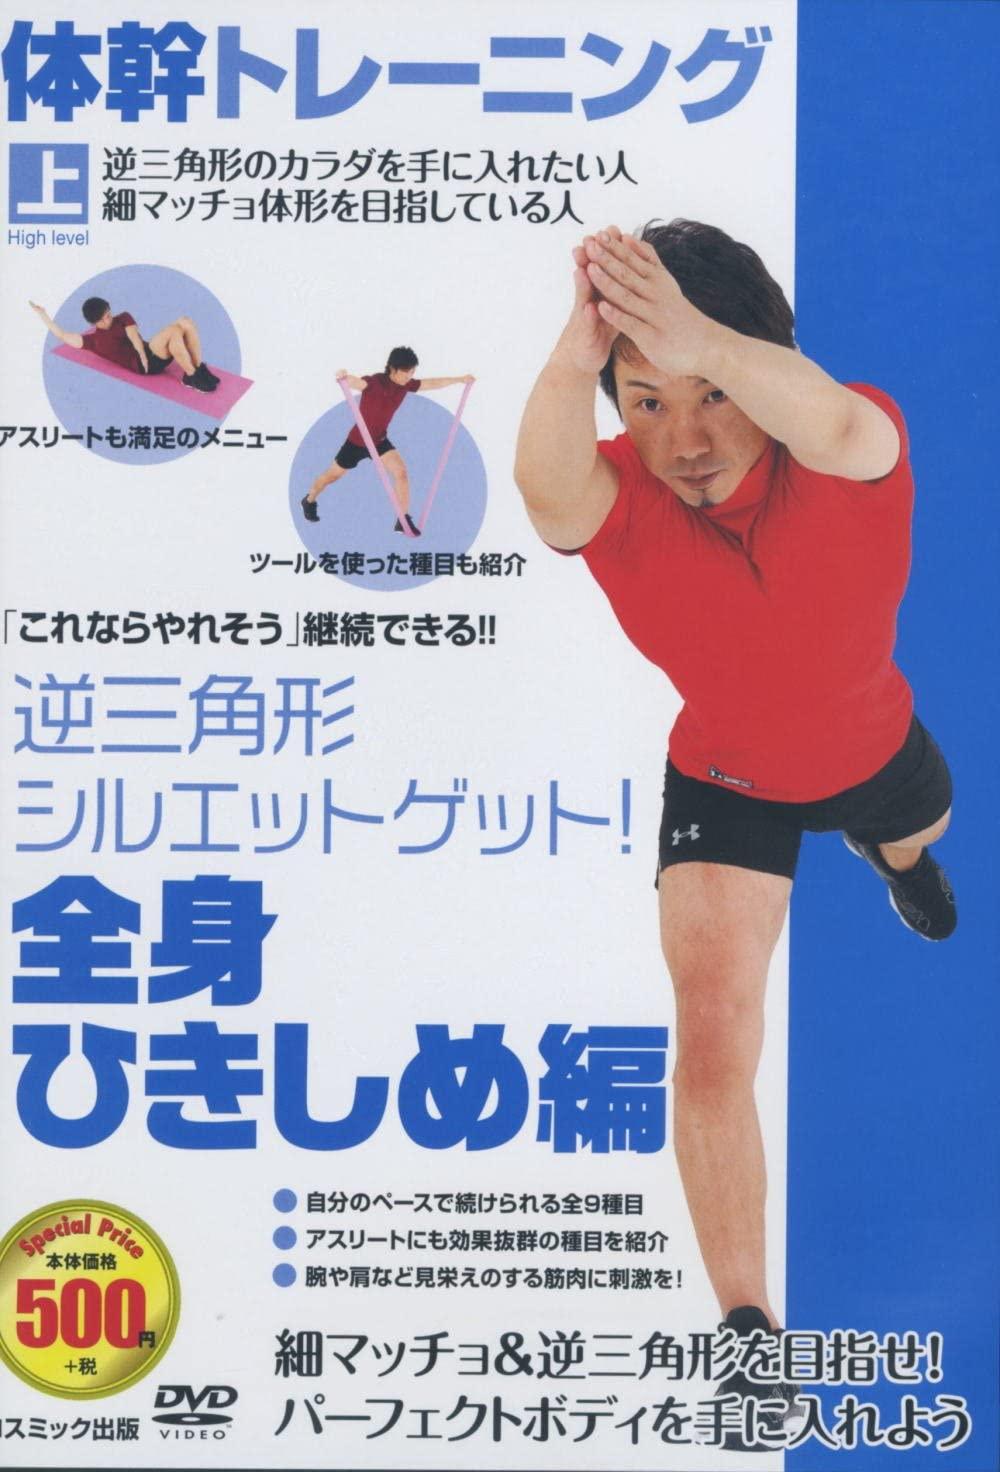 体幹 トレーニング 全身ひきしめ 流行のアイテム ダイエット 編 DVD TMW-031-CM 返品不可